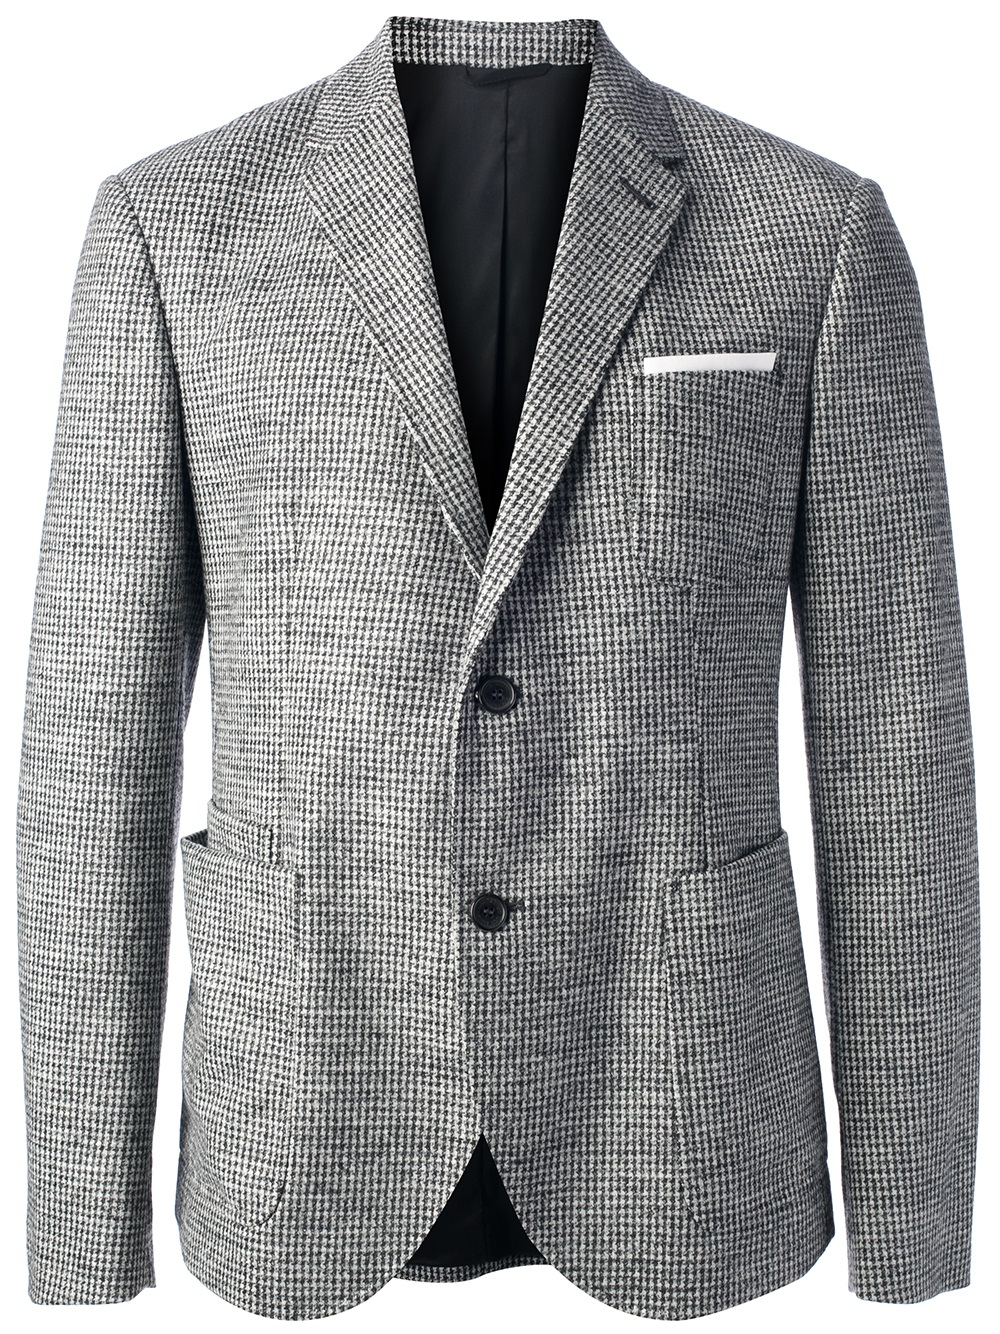 Neil barrett Tweed Jacket in Gray for Men   Lyst